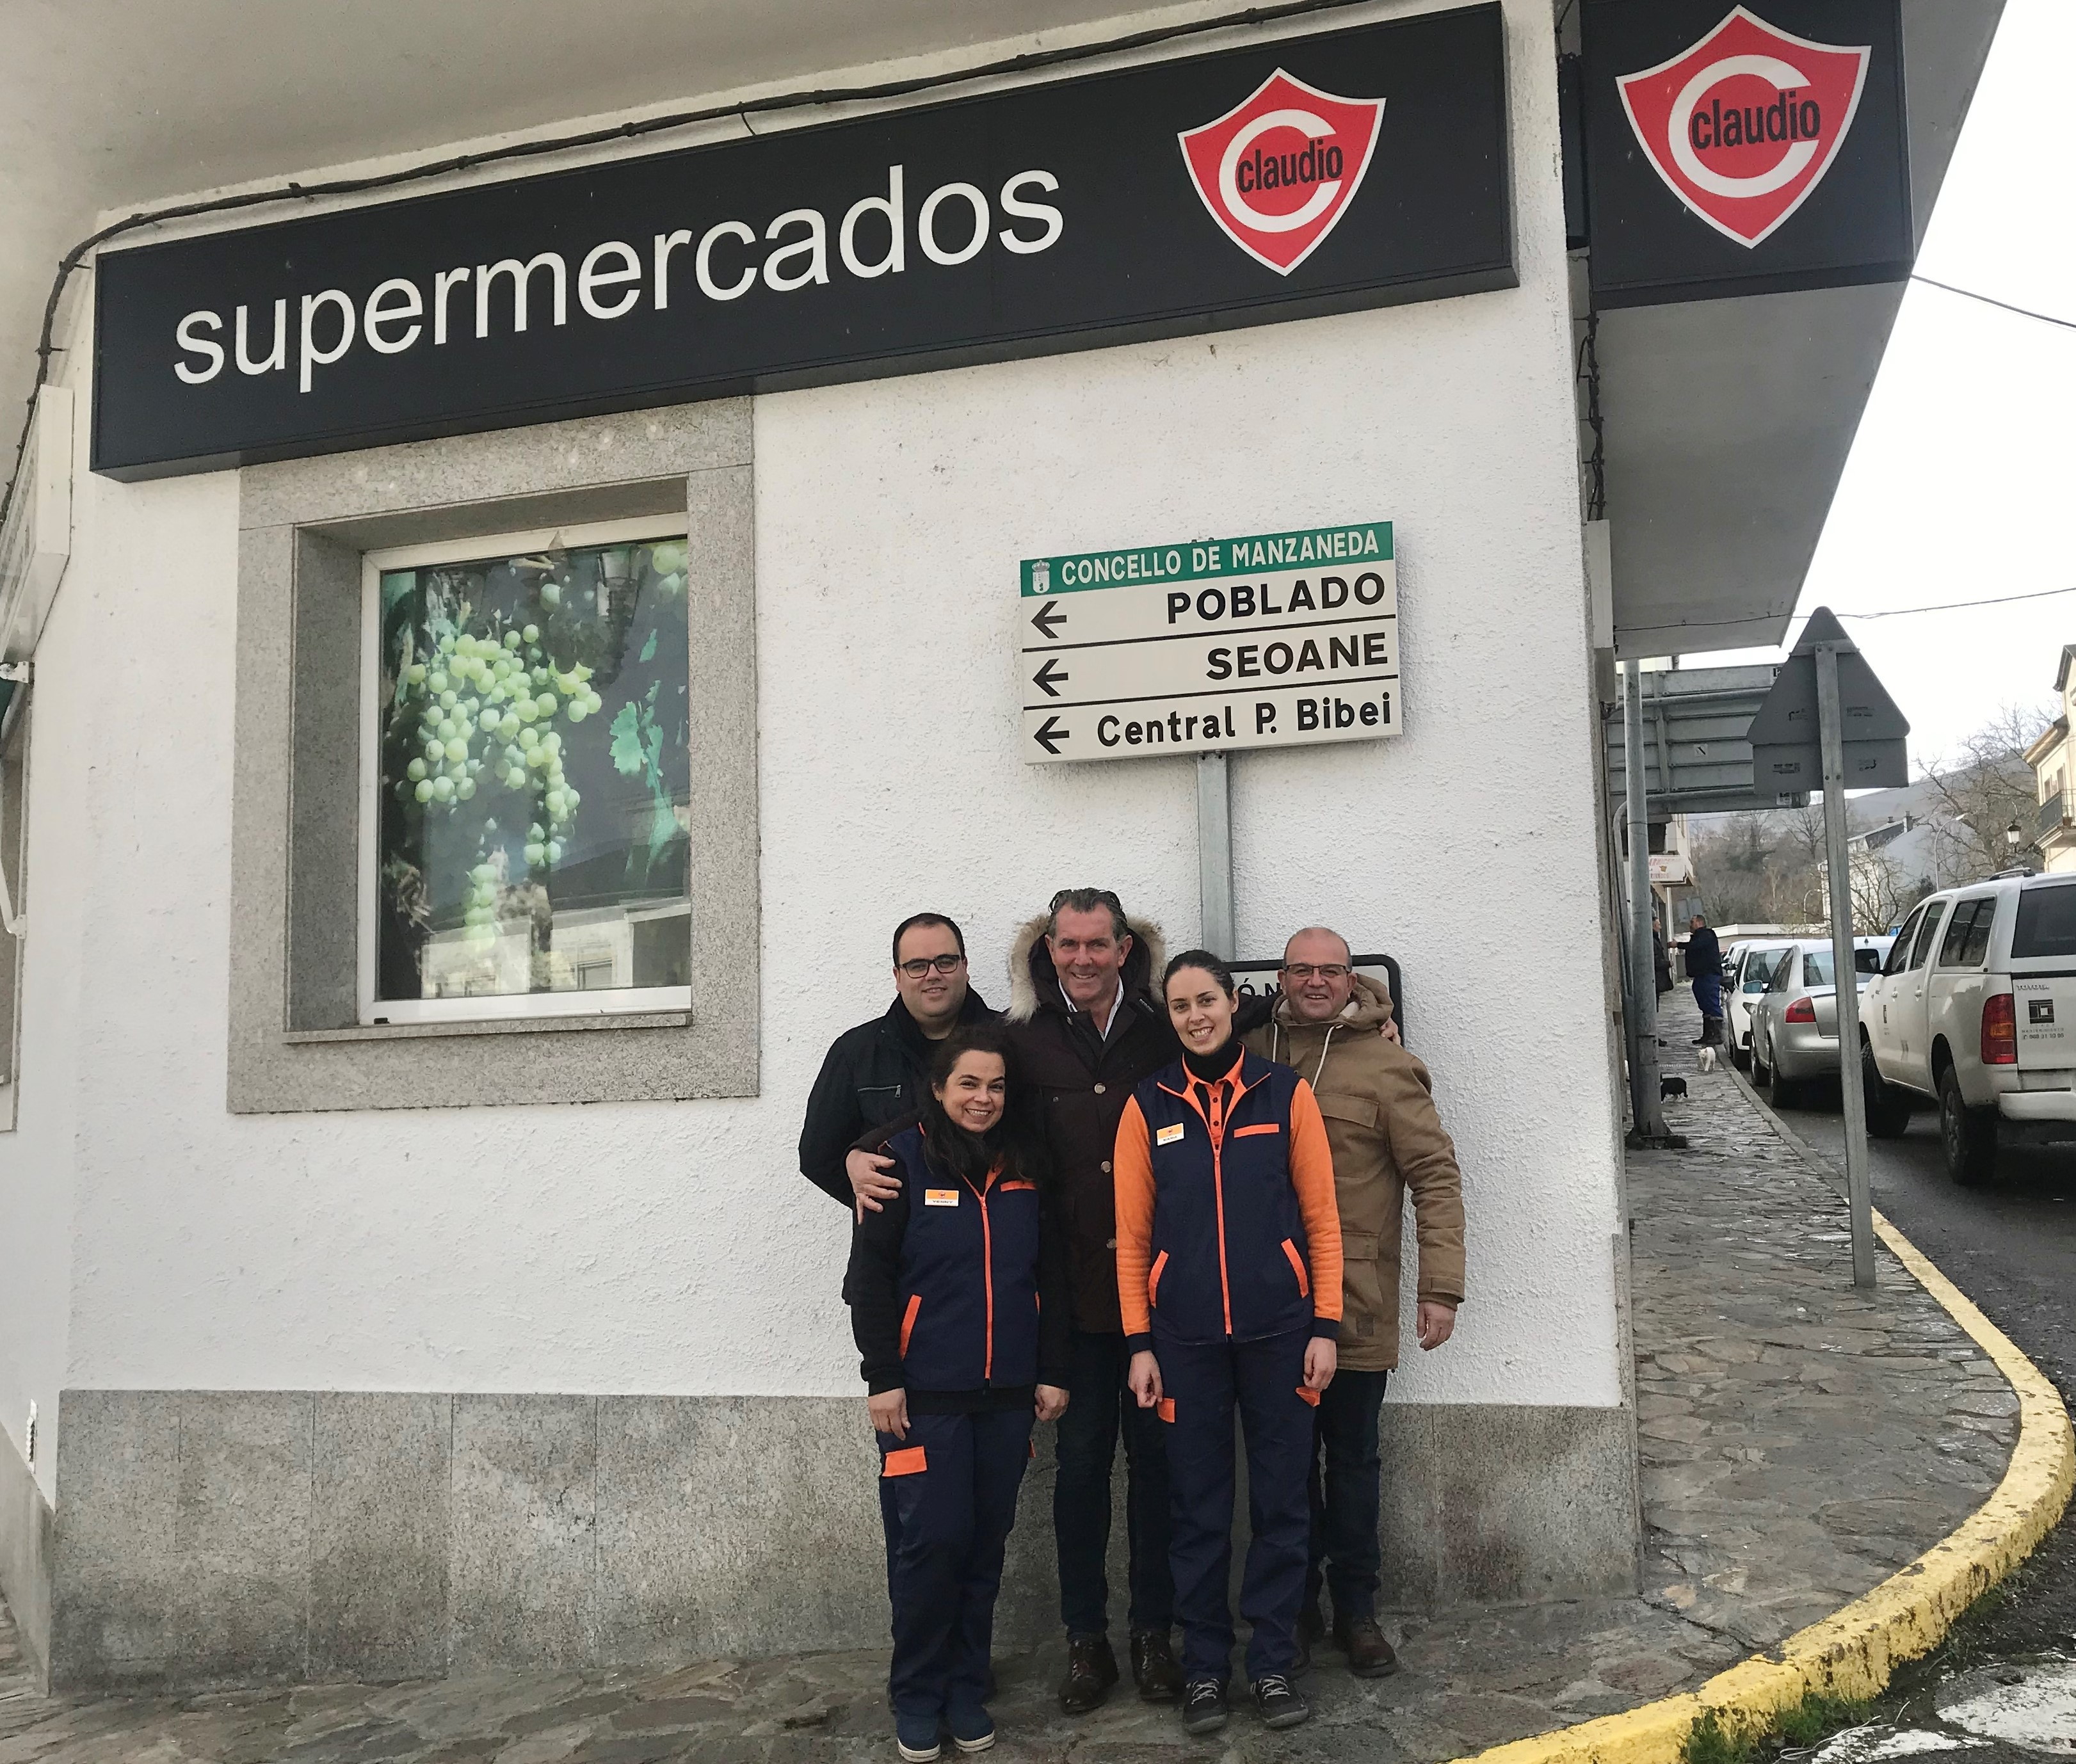 INAUGURAMOS EL PRIMER SUPERMERCADO CLAUDIO FRANQUICIADO DEL 2020 EN MANZANEDA